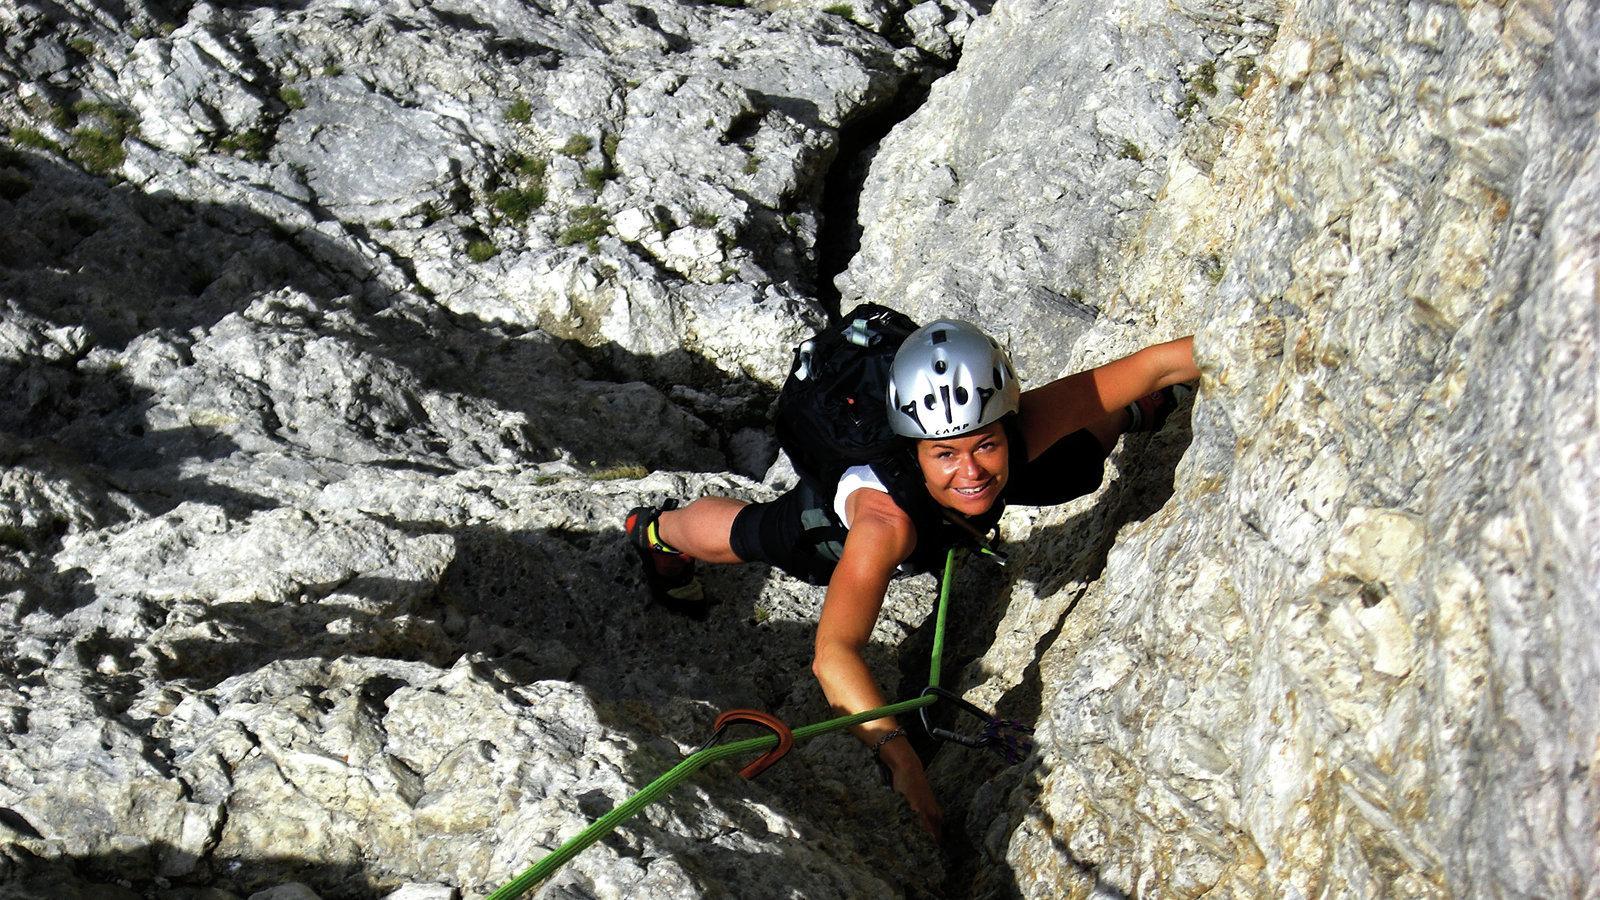 Klettersteig Unterstell : Tourentipp hoachwool klettersteig bei naturns tourentipps